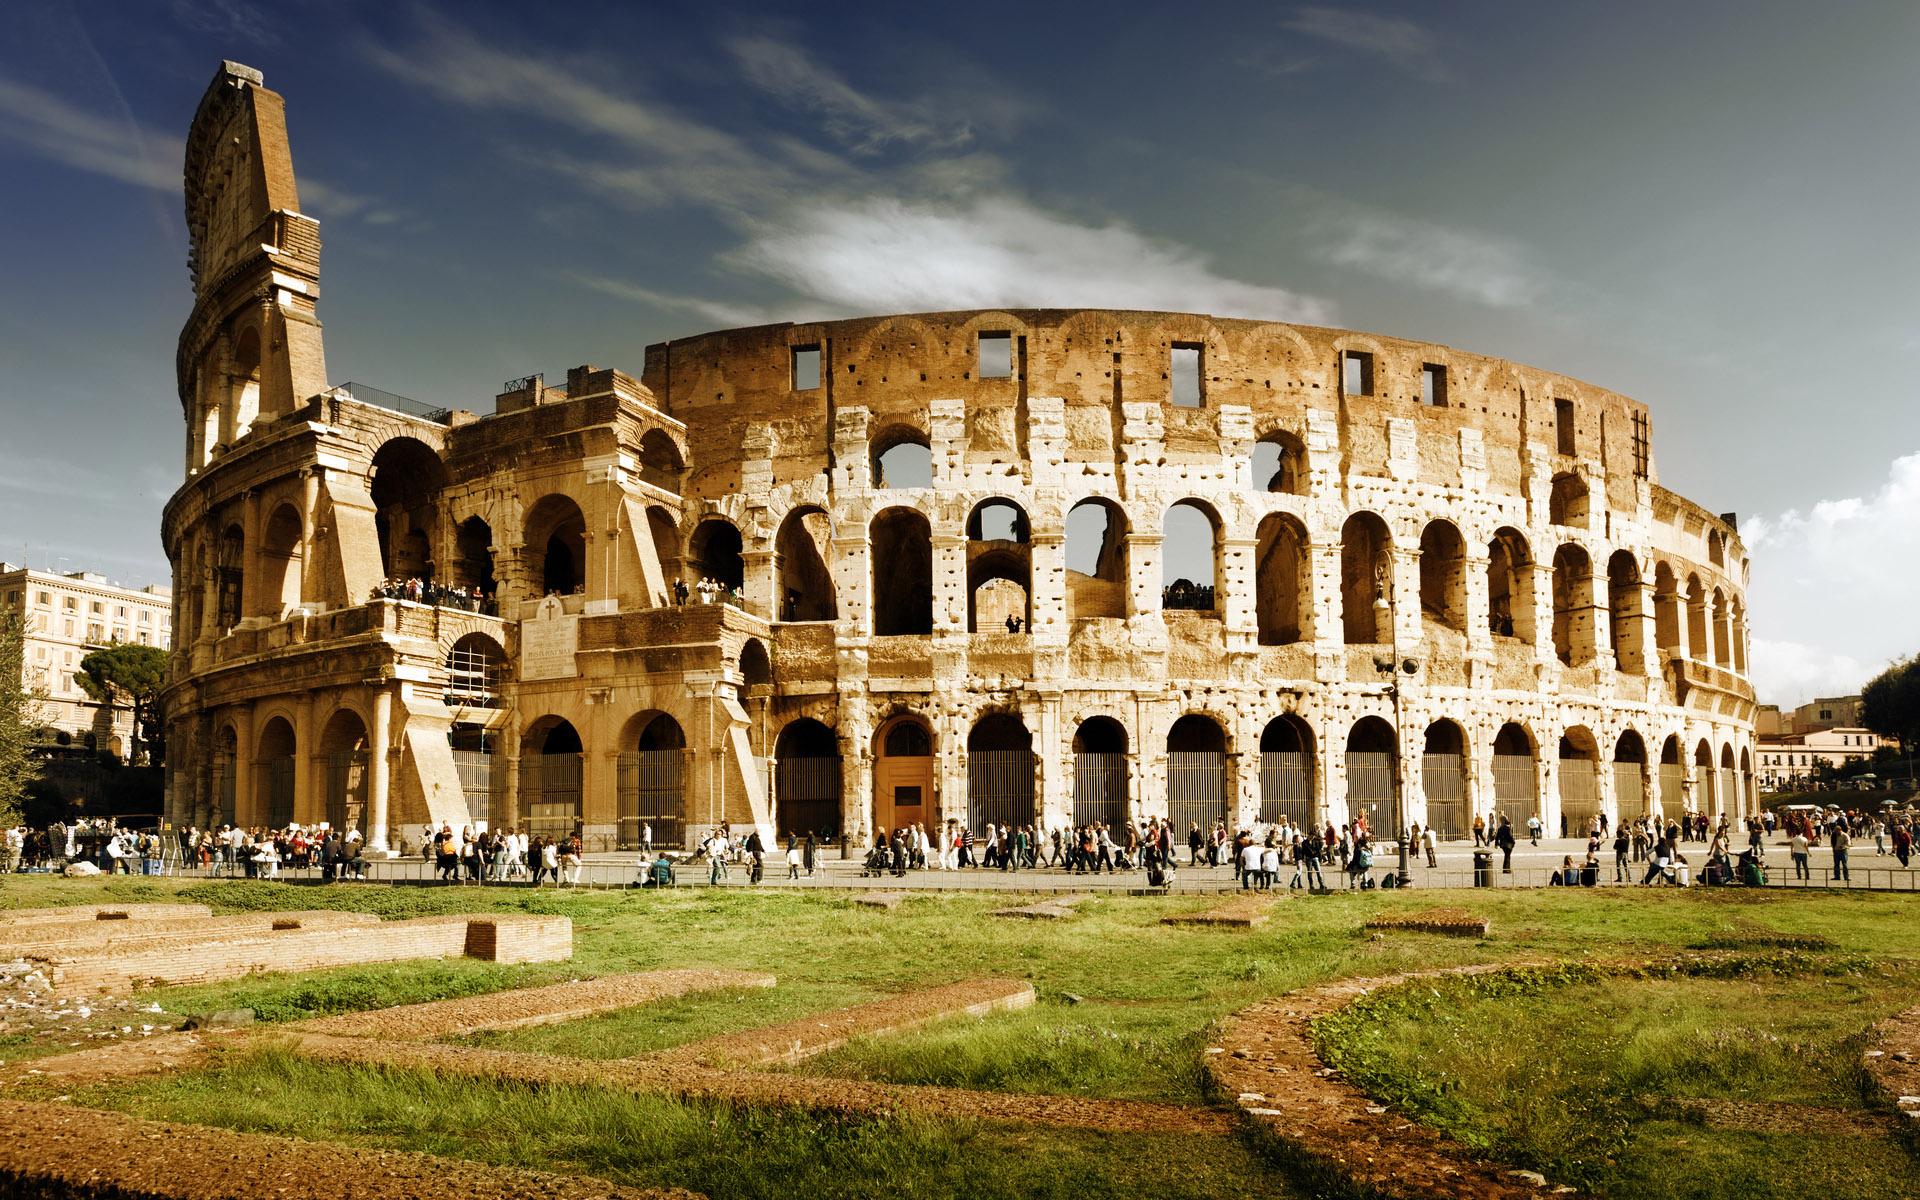 السياحة في روما - الكولوسيوم